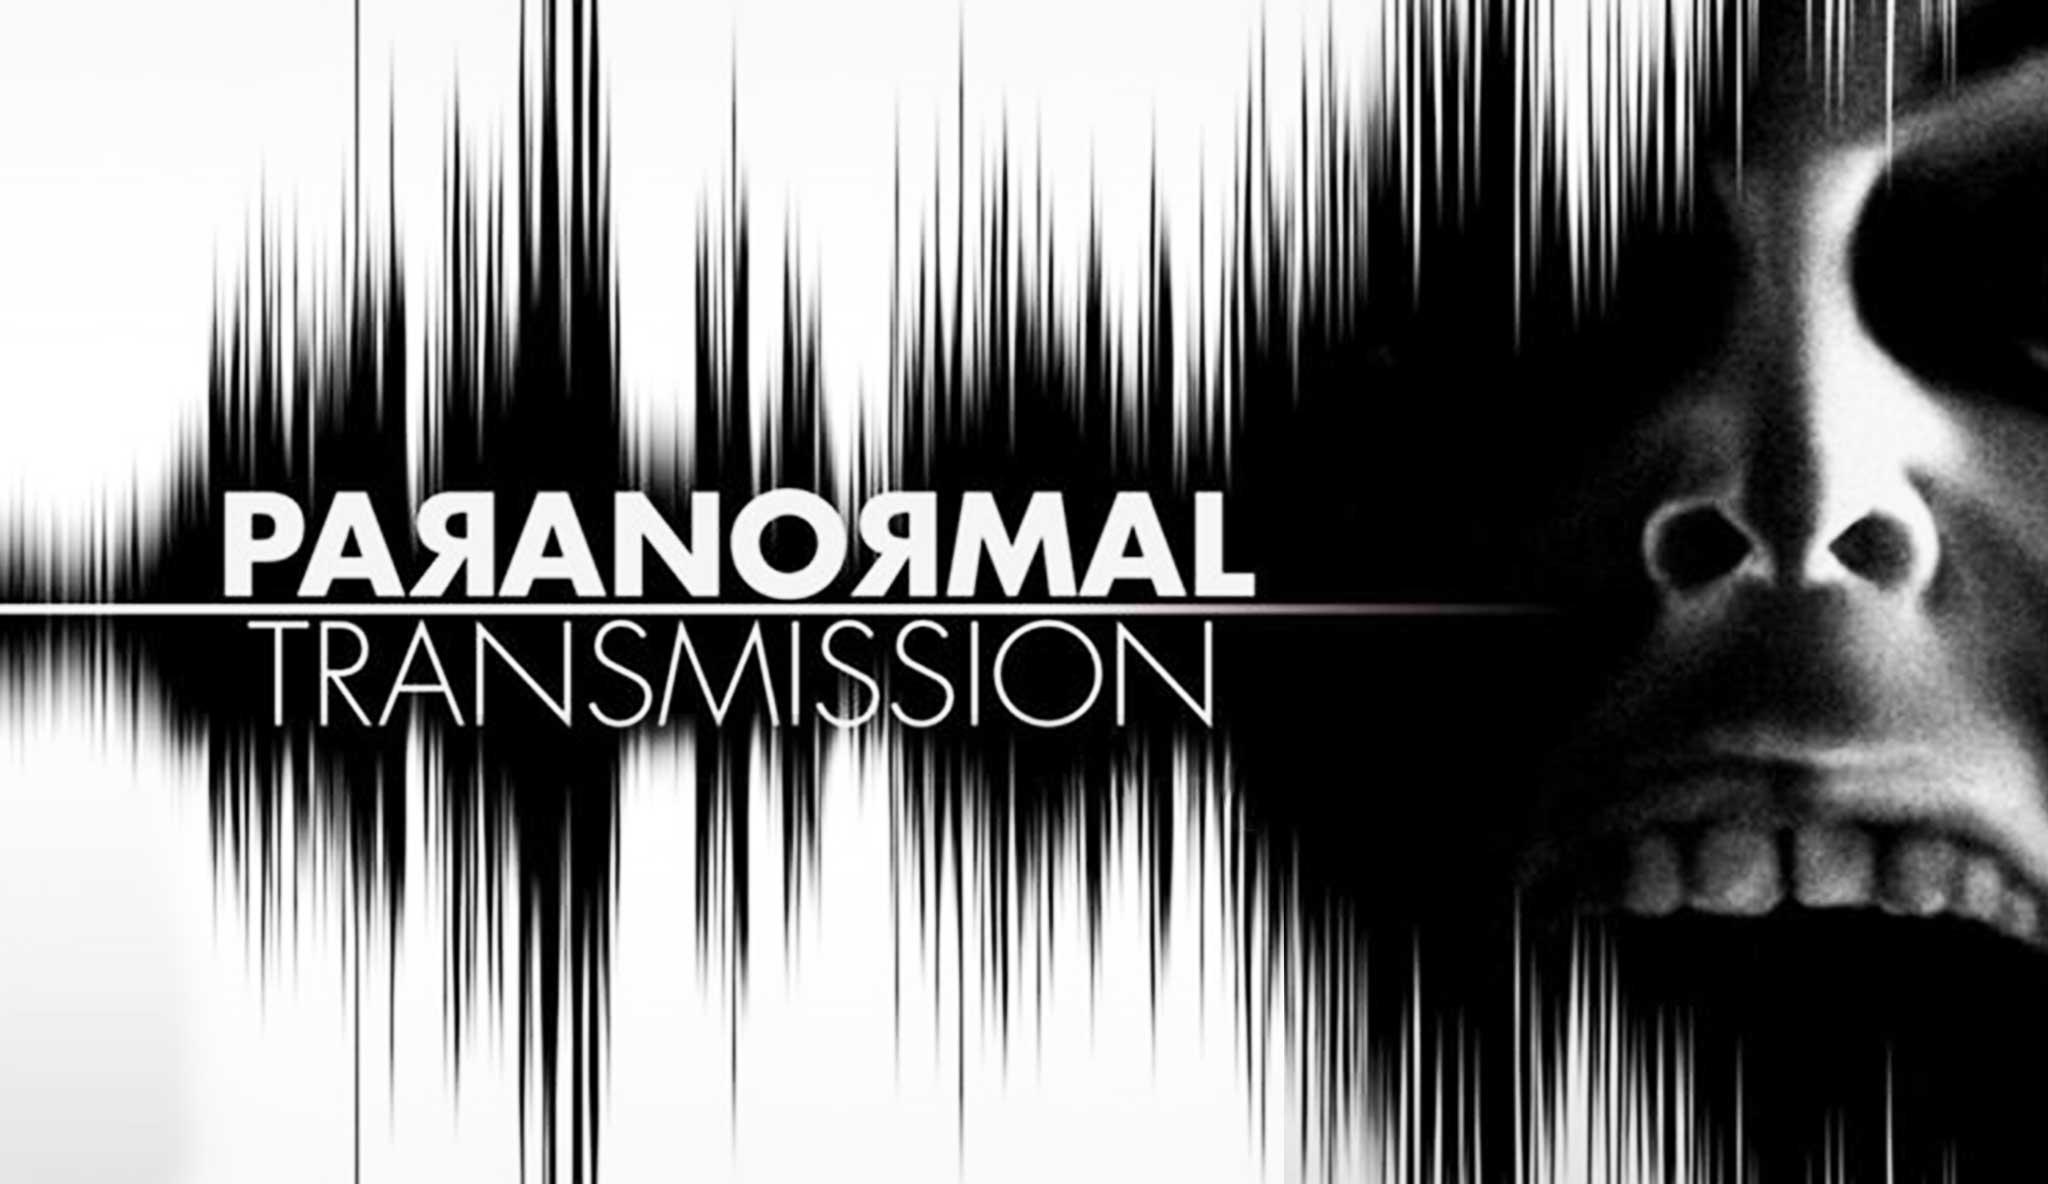 paranormal-transmission\header.jpg